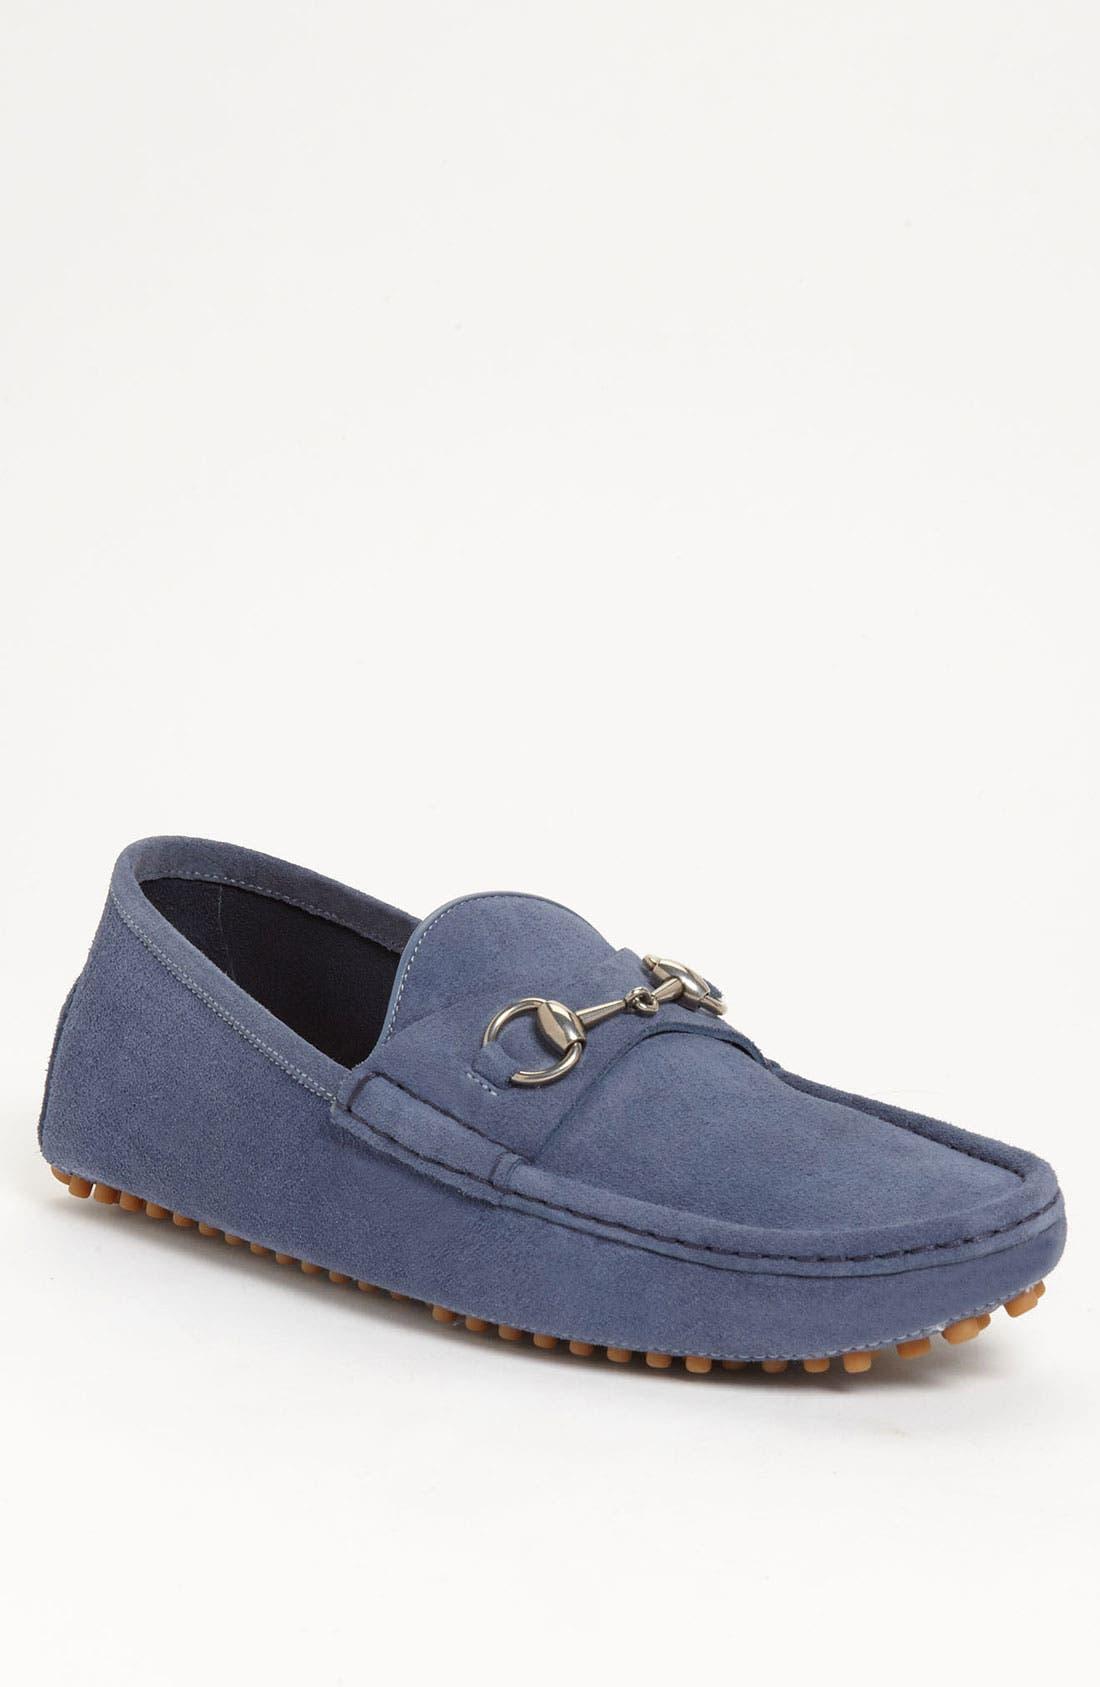 Main Image - Gucci 'Damo' Suede Driving Shoe